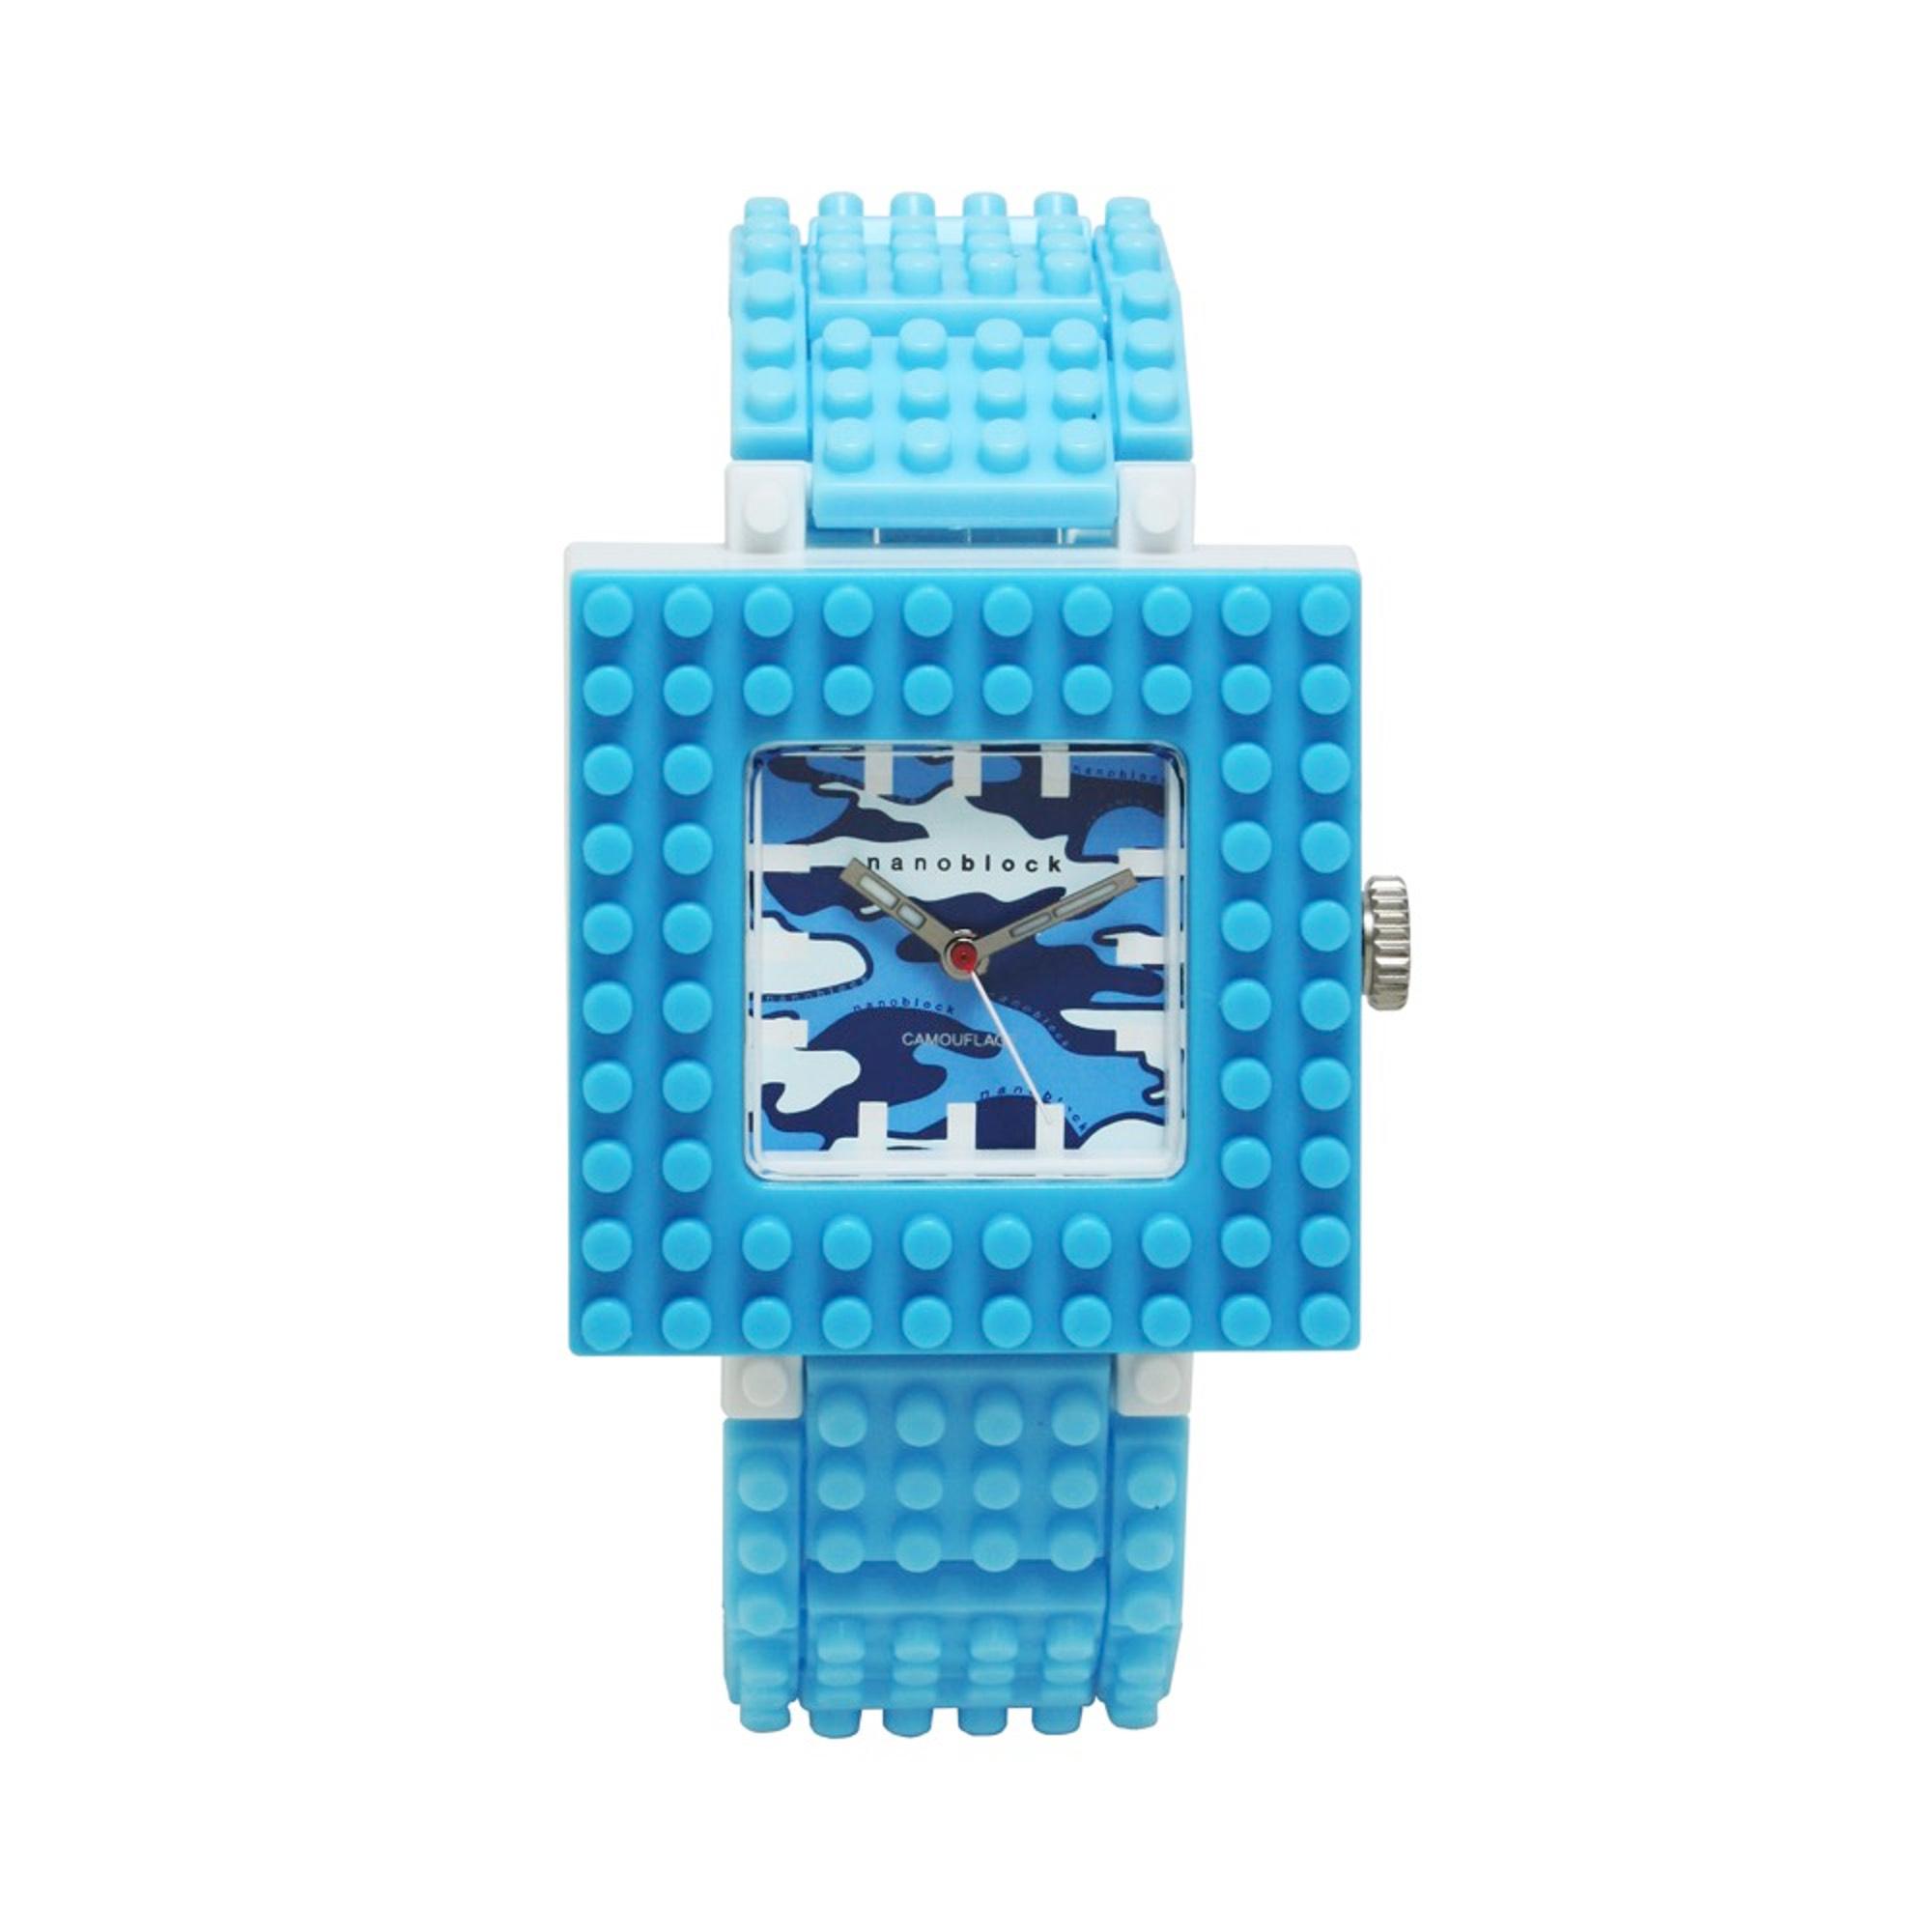 Nanoblocktime Nano Camo Squared Watch, Light Blue Camo by Nanoblocktime